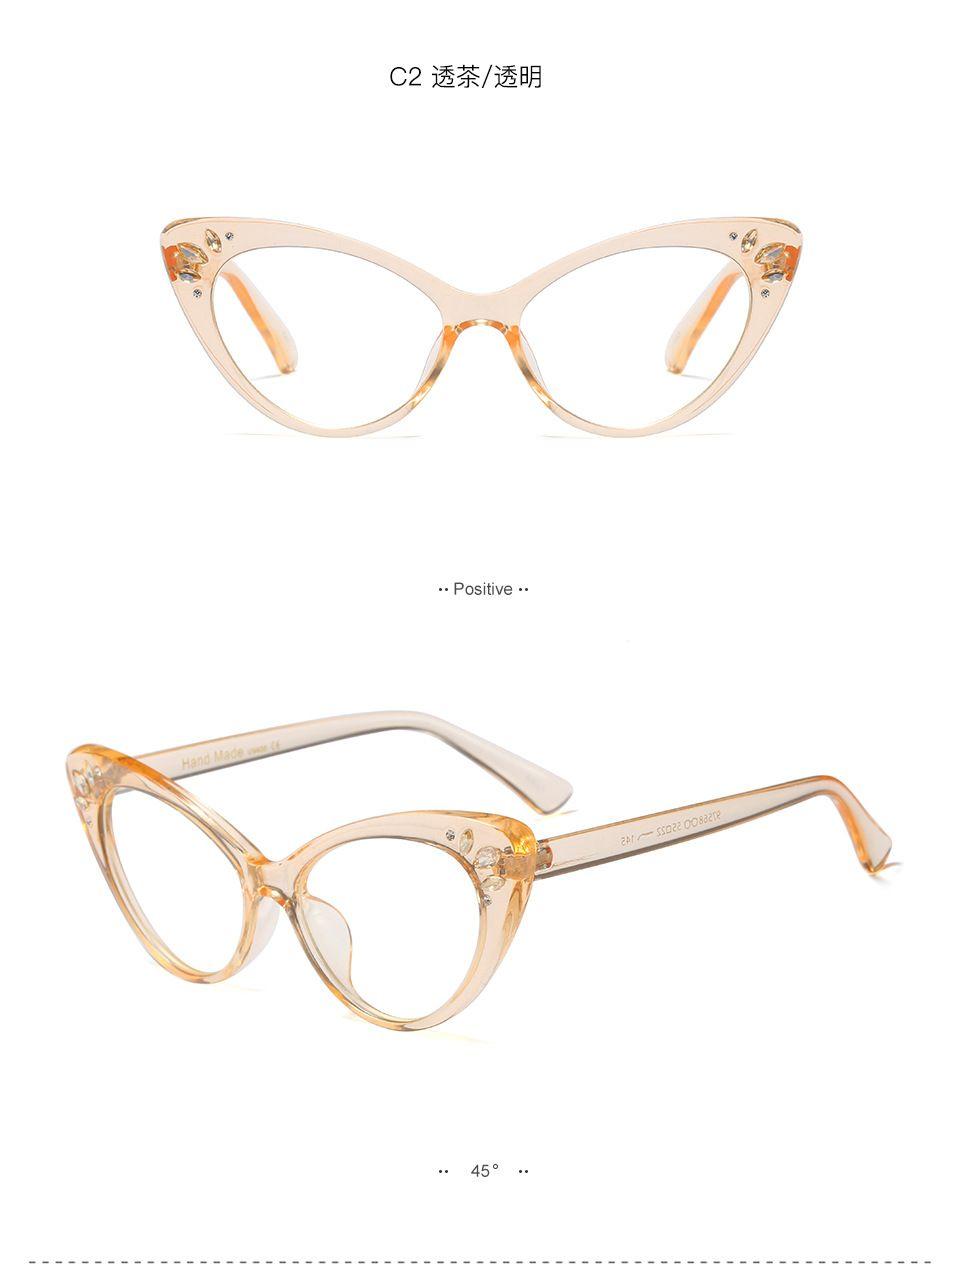 a981ebb5bcf31 fashion cat reading eyeglasses optical glasses frames 2018 new glasses  women frame ultra light frame clear glasses nx